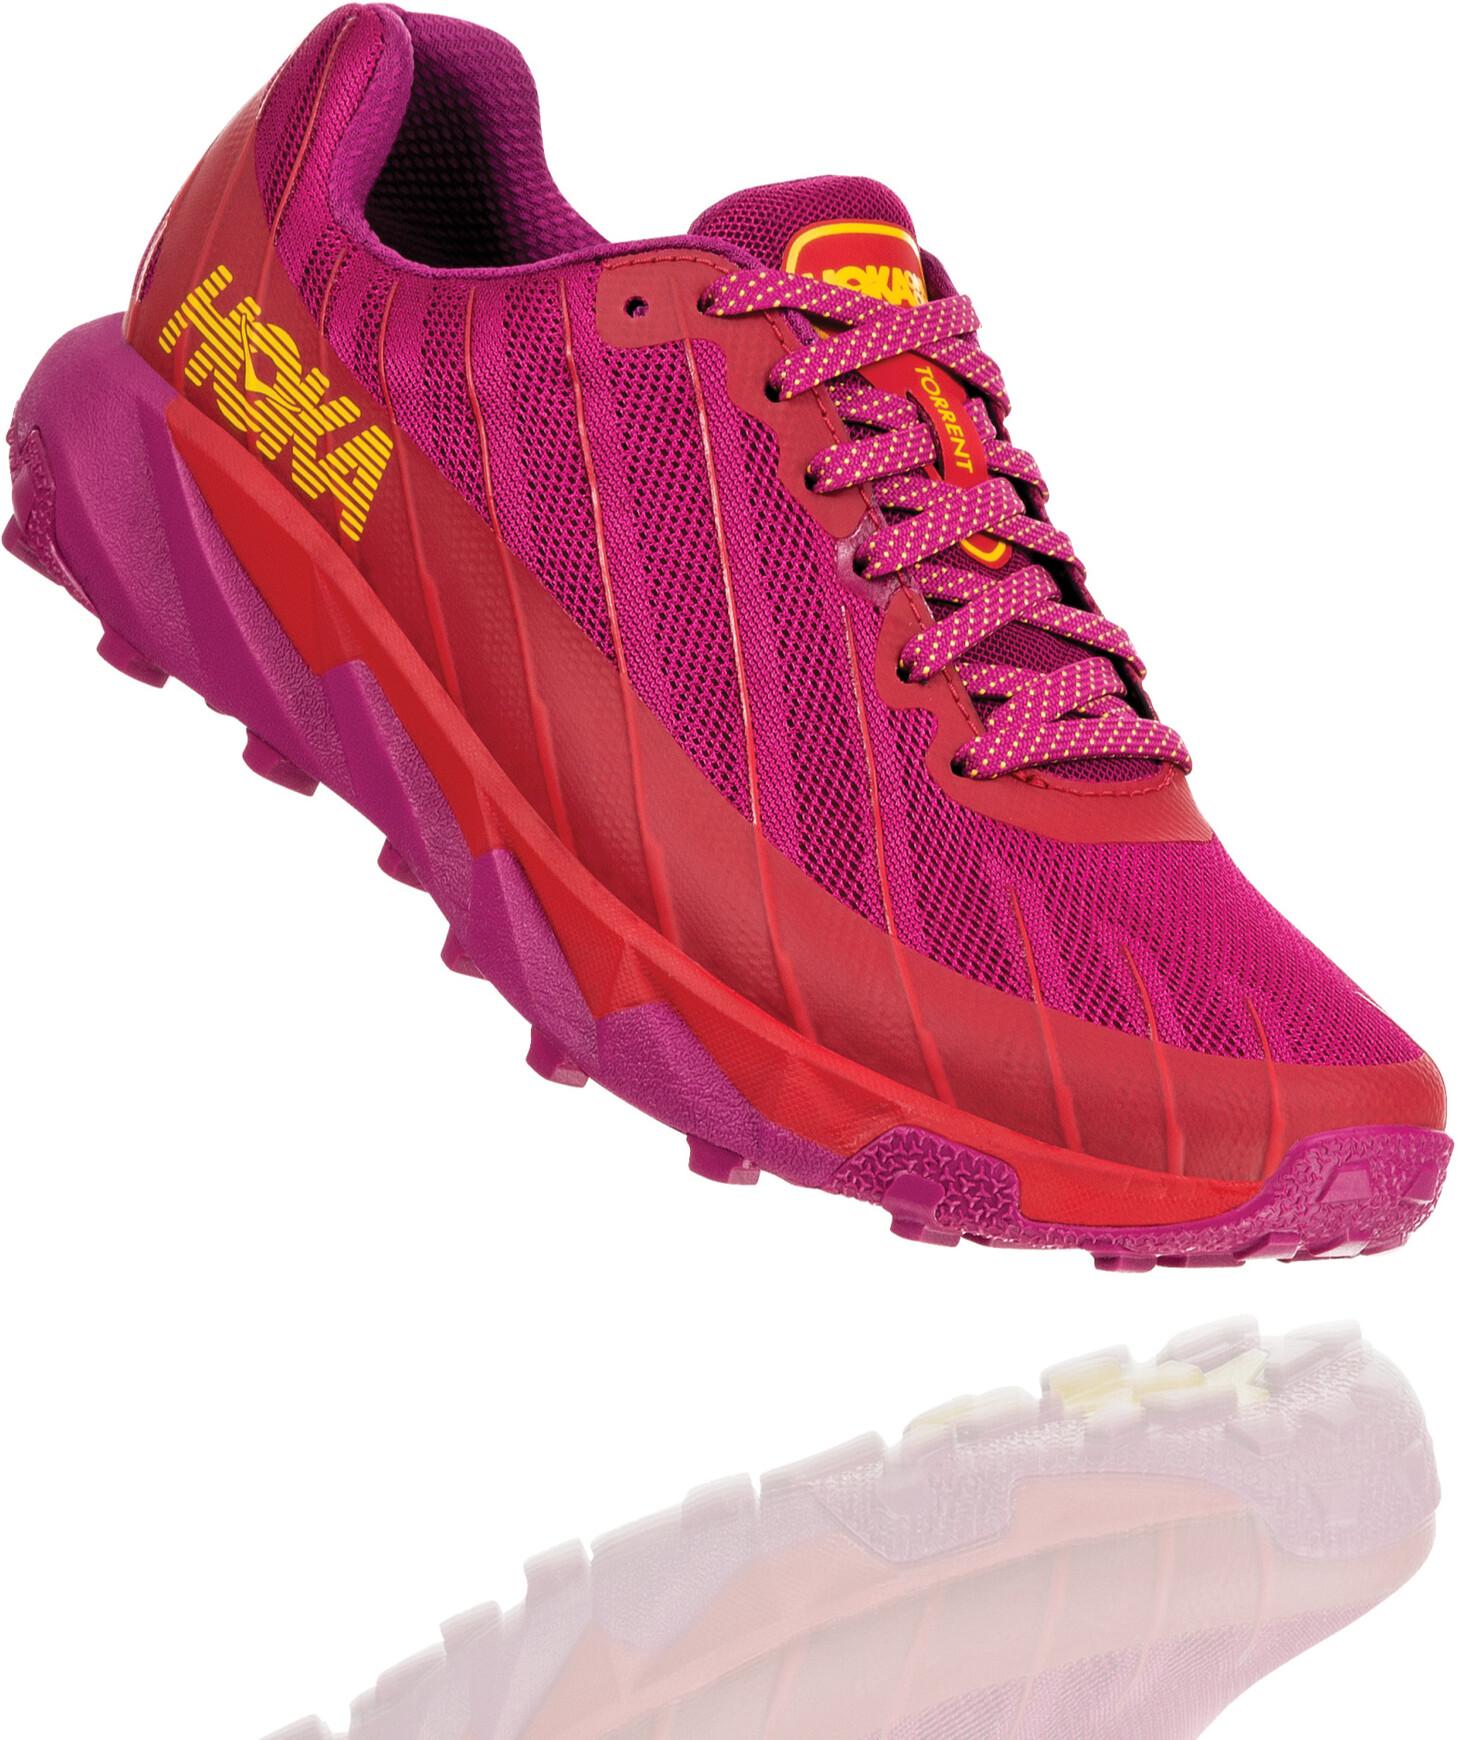 Hoka One One Torrent Løbesko Damer, cactus flower/poppy red (2020) | Running shoes